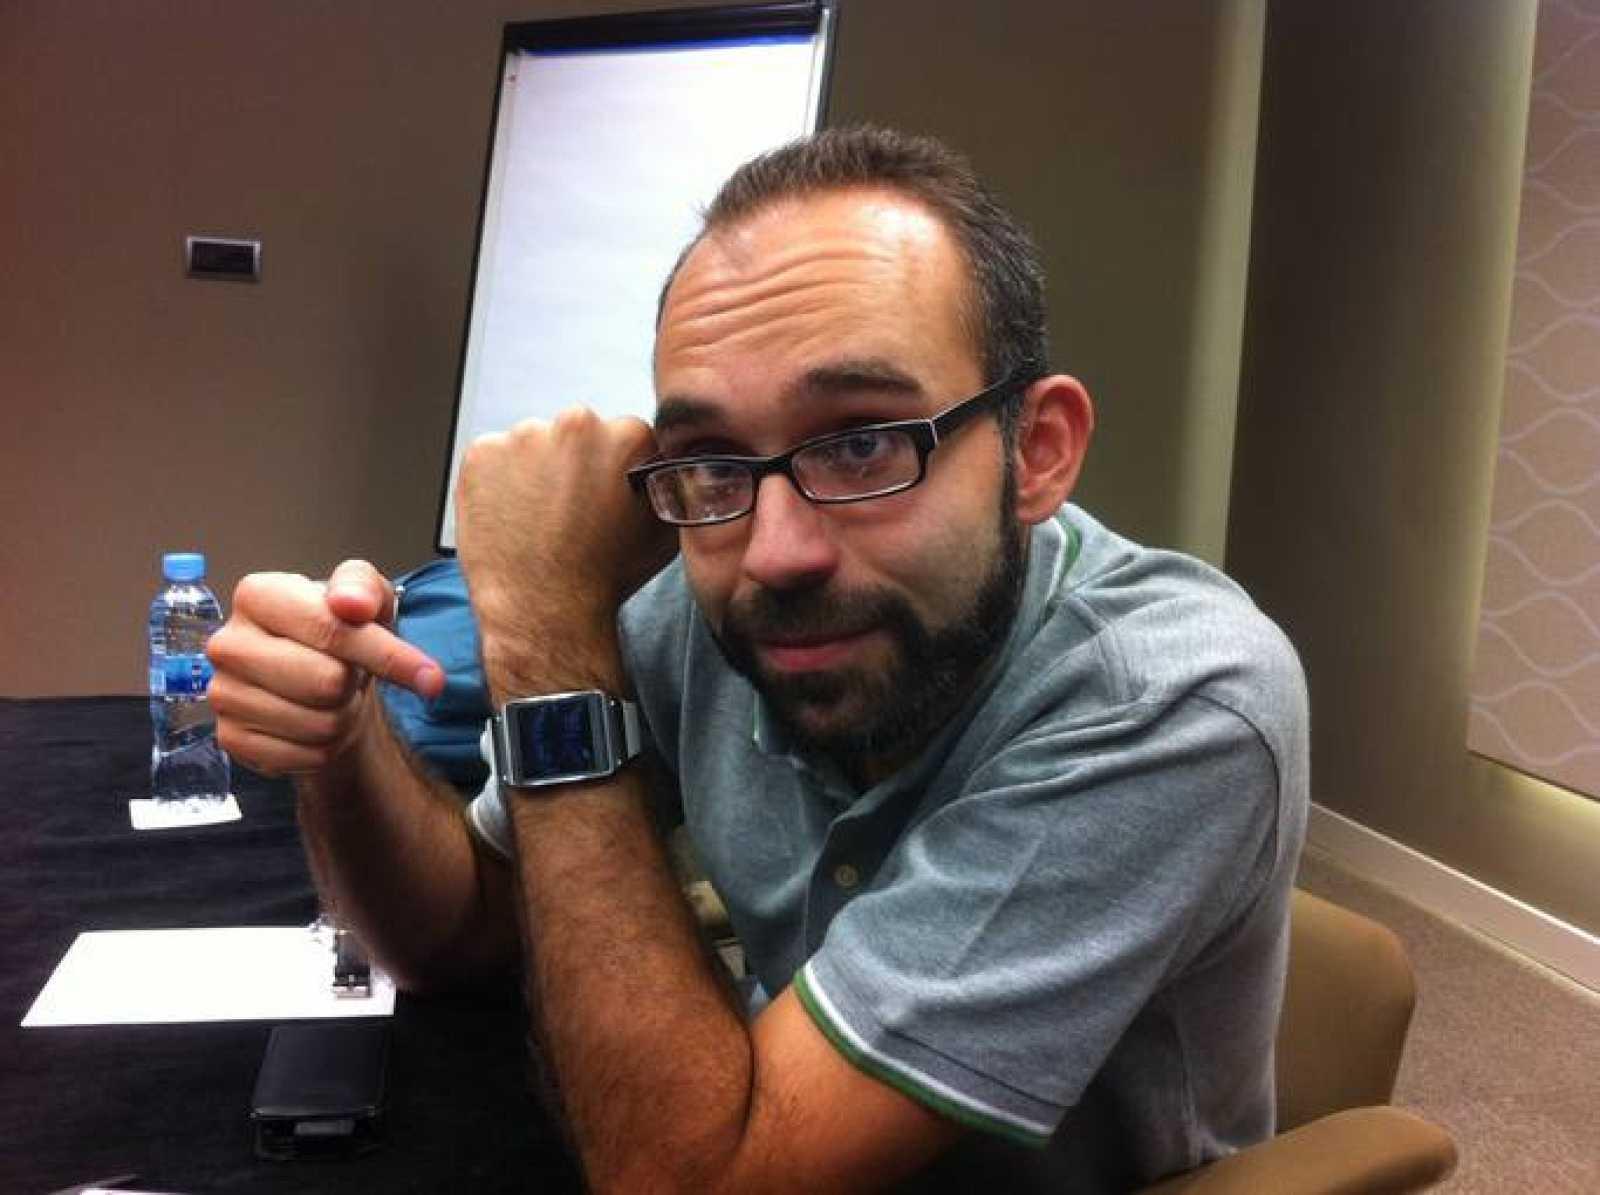 Manu Martínez probando el Galaxy Gear que saldrá a la venta la semana que viene.